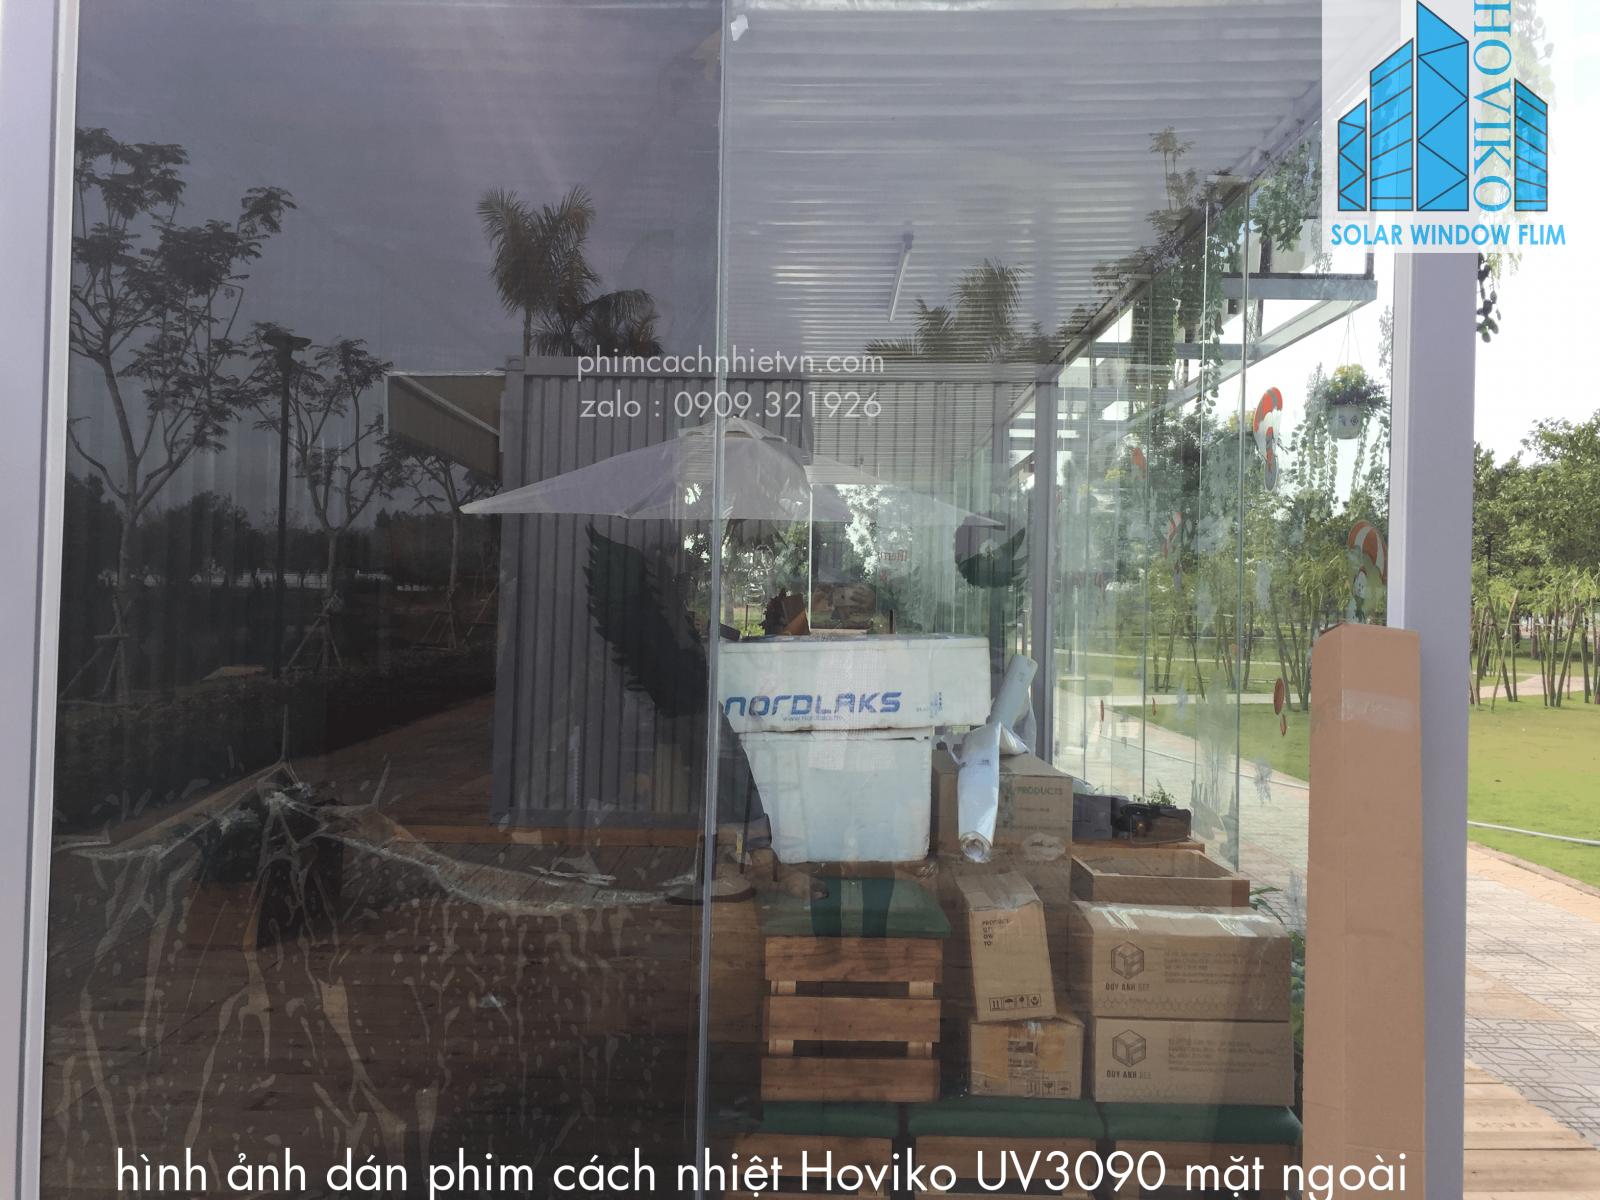 mặt ngoài sau khi dán phim cách nhiệt uv3090 ở quán coffee Nhơn Trạch Đồng Nai